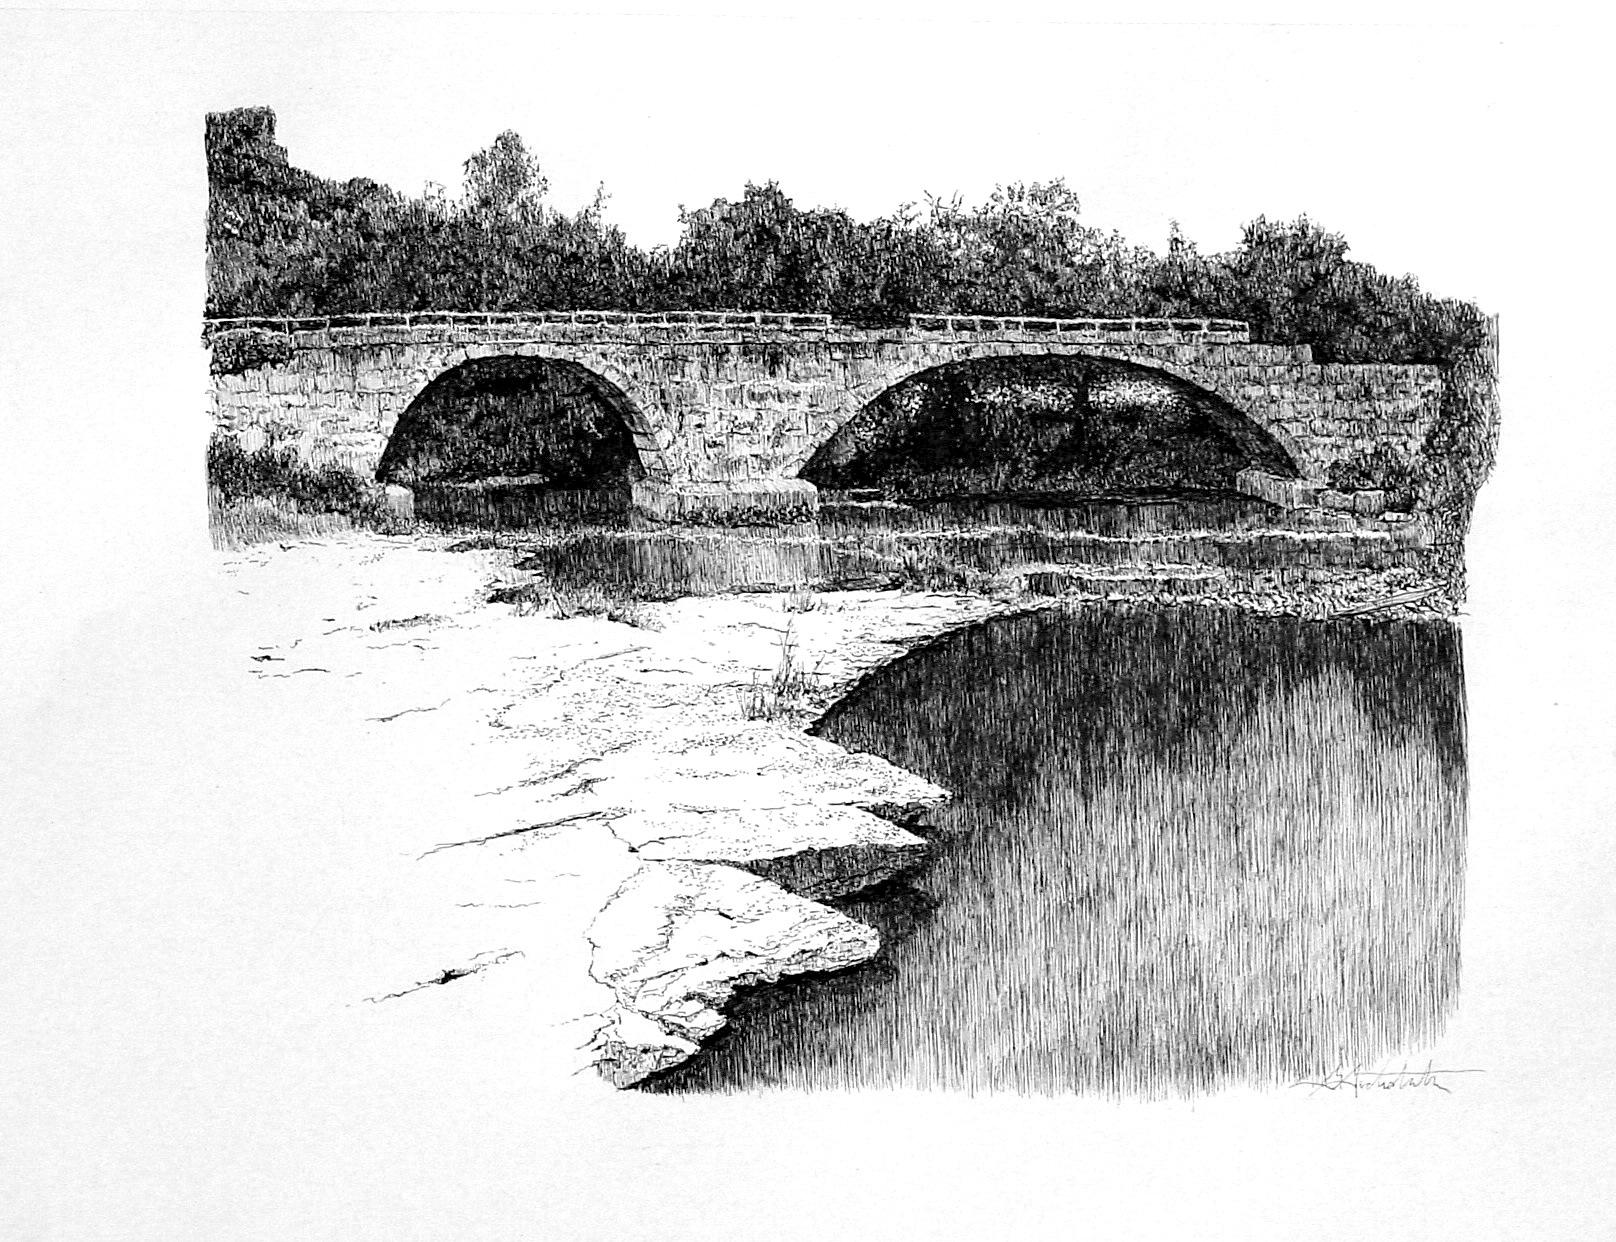 Silver Creek Bridge